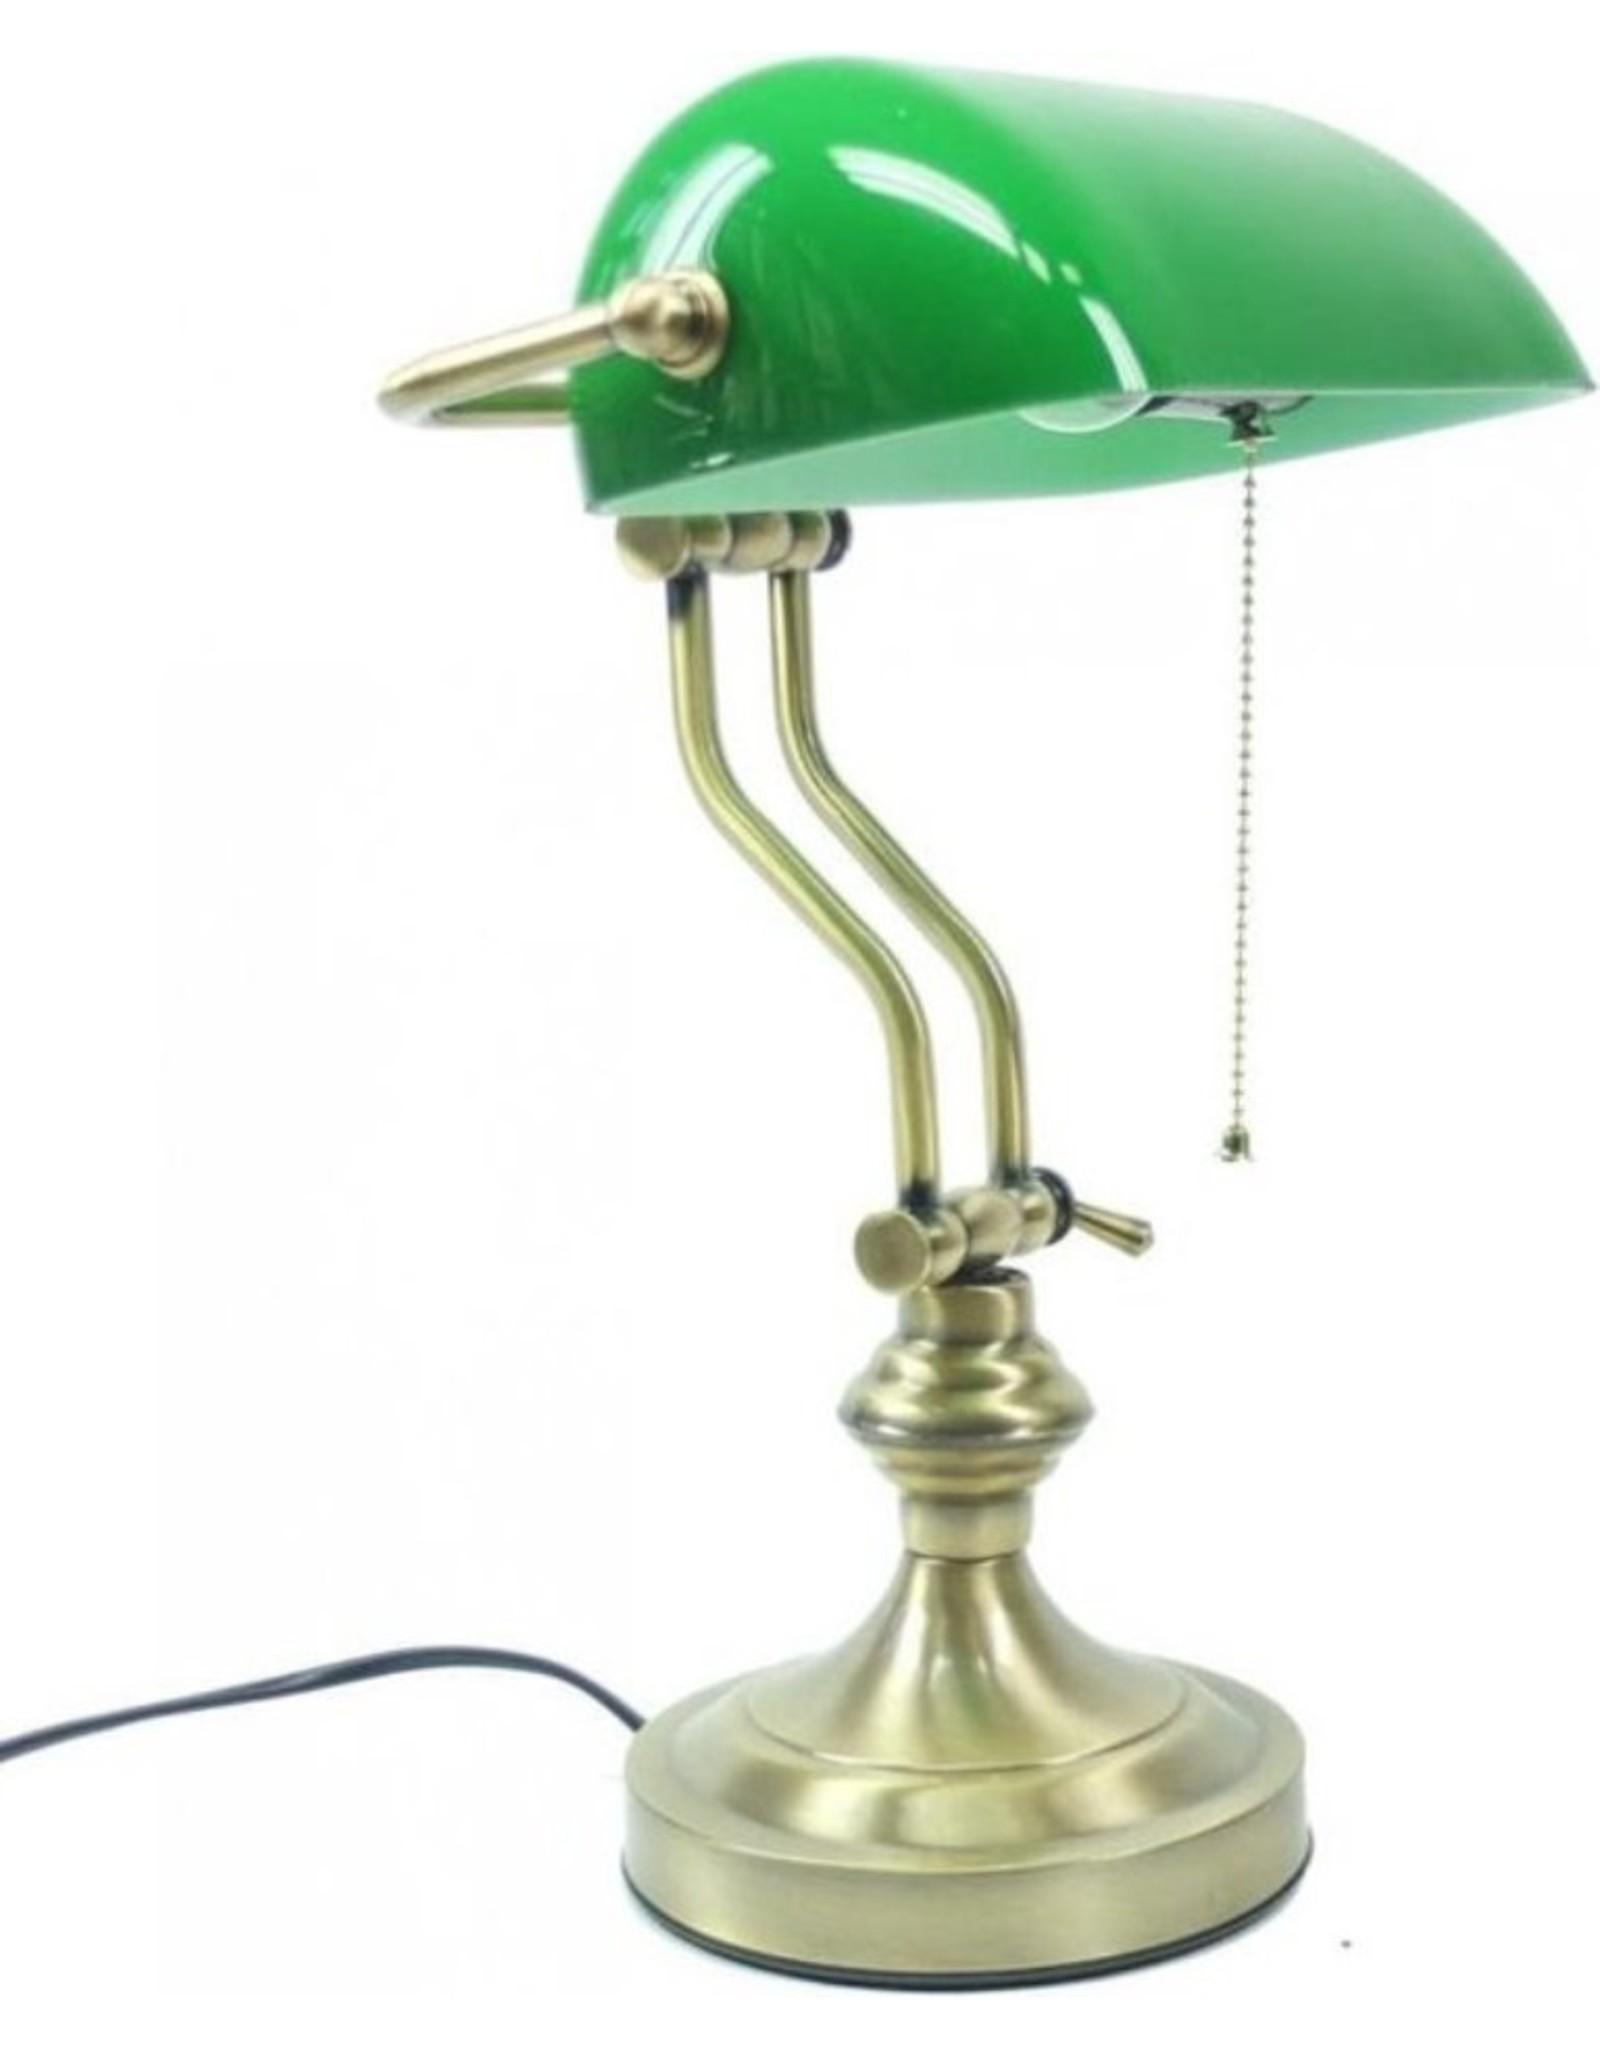 Klassieke tafellamp Art Deco Miscellaneous - Banker's lamp with green glass shade Art deco